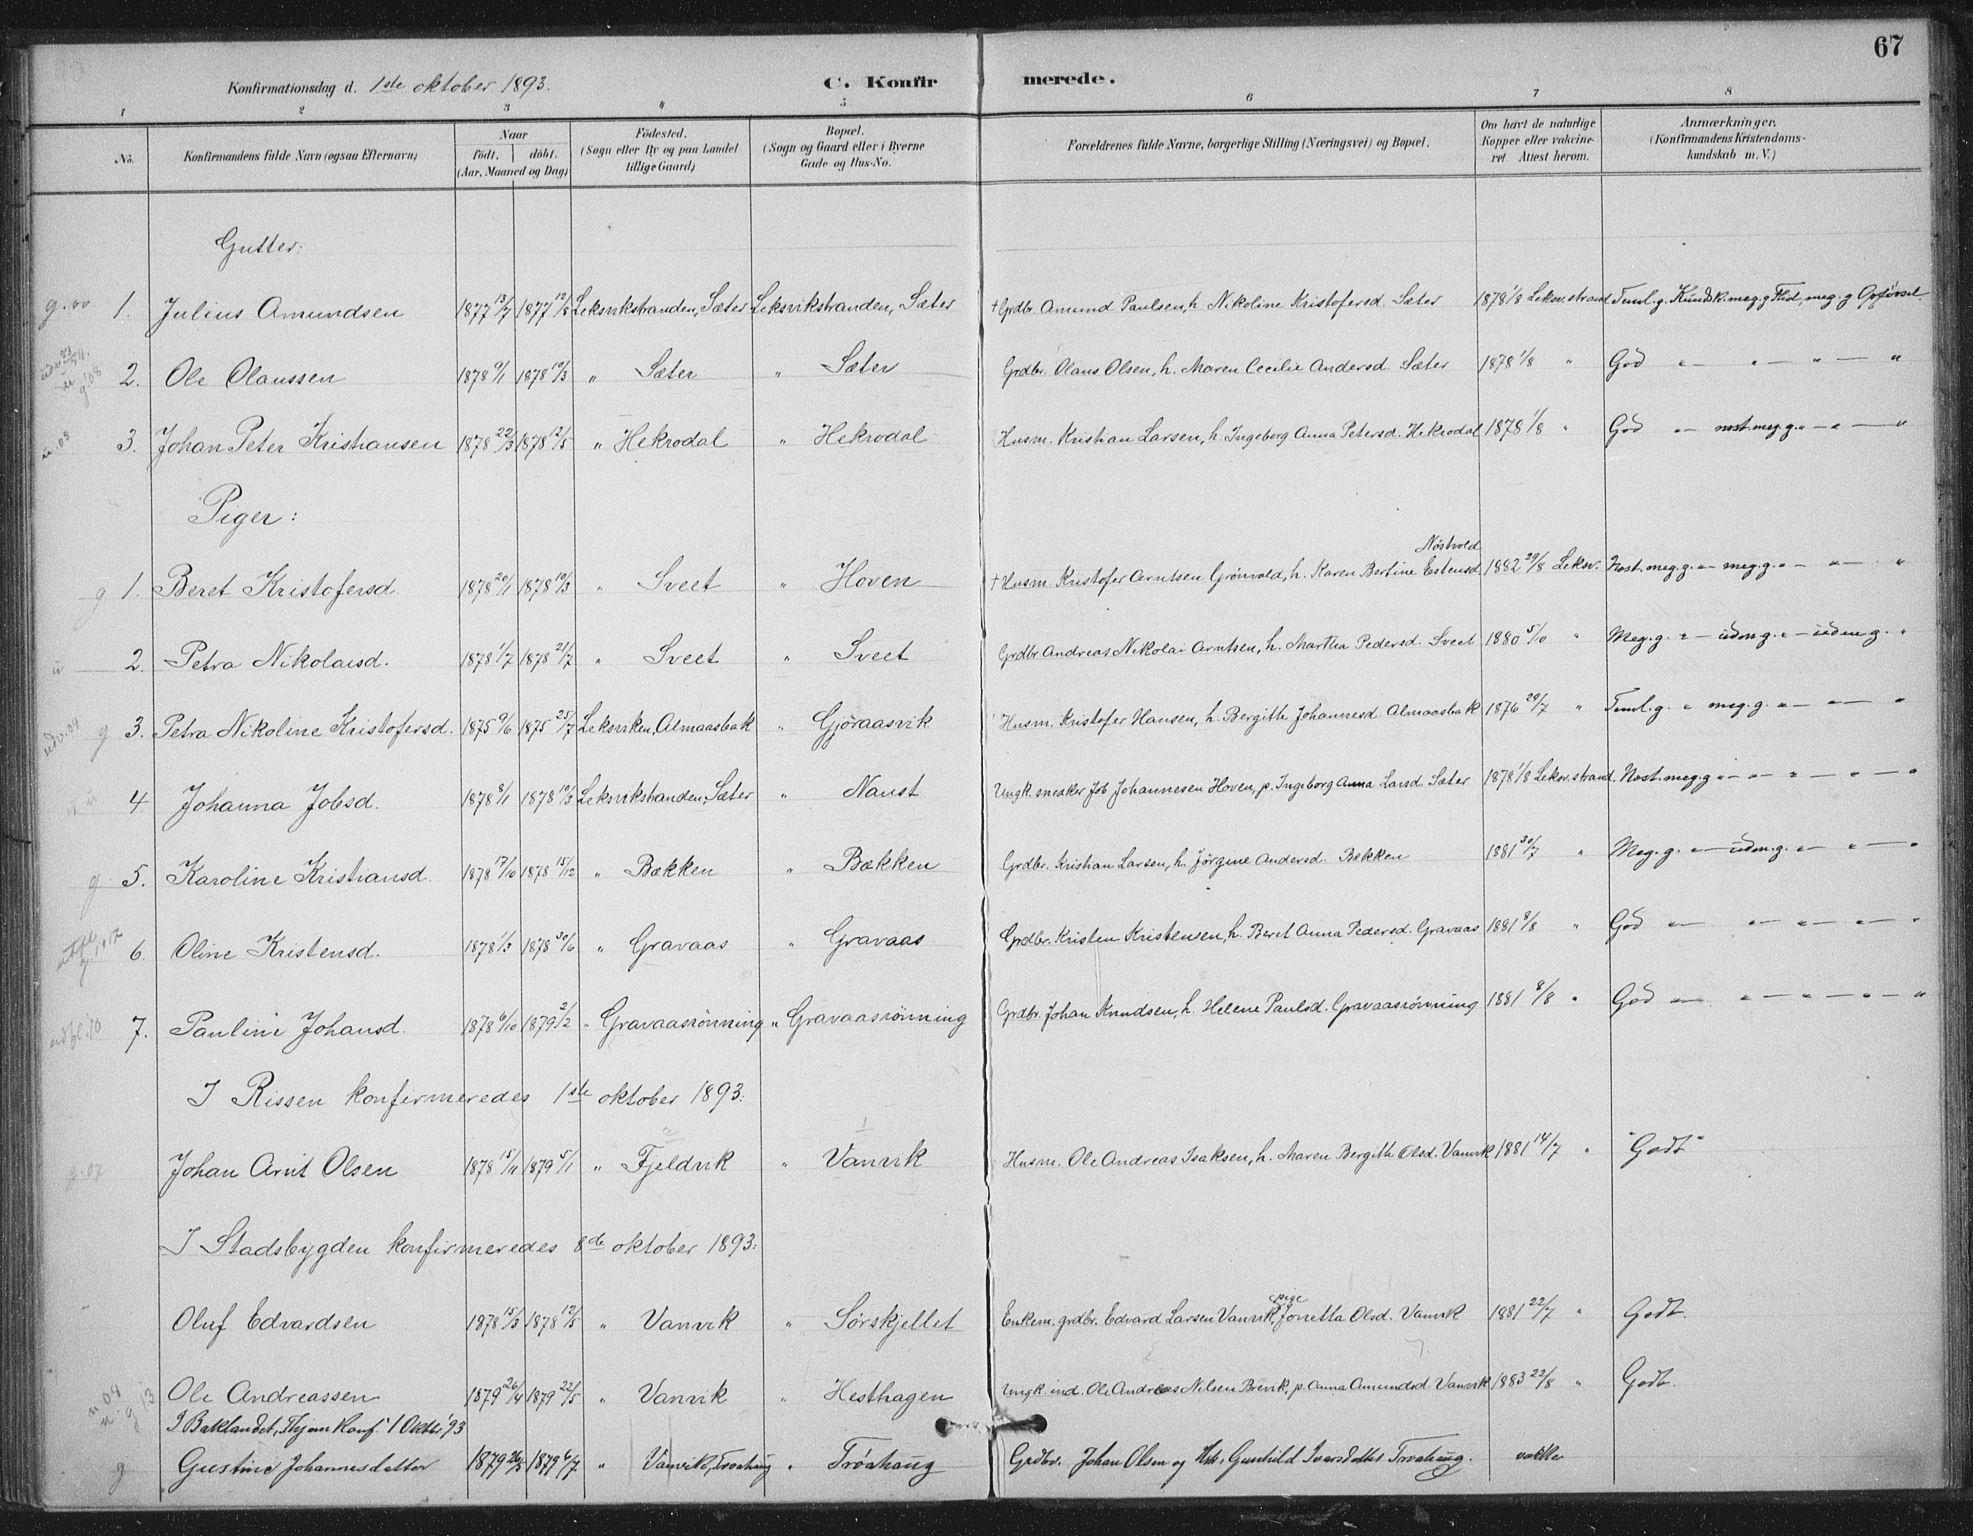 SAT, Ministerialprotokoller, klokkerbøker og fødselsregistre - Nord-Trøndelag, 702/L0023: Ministerialbok nr. 702A01, 1883-1897, s. 67